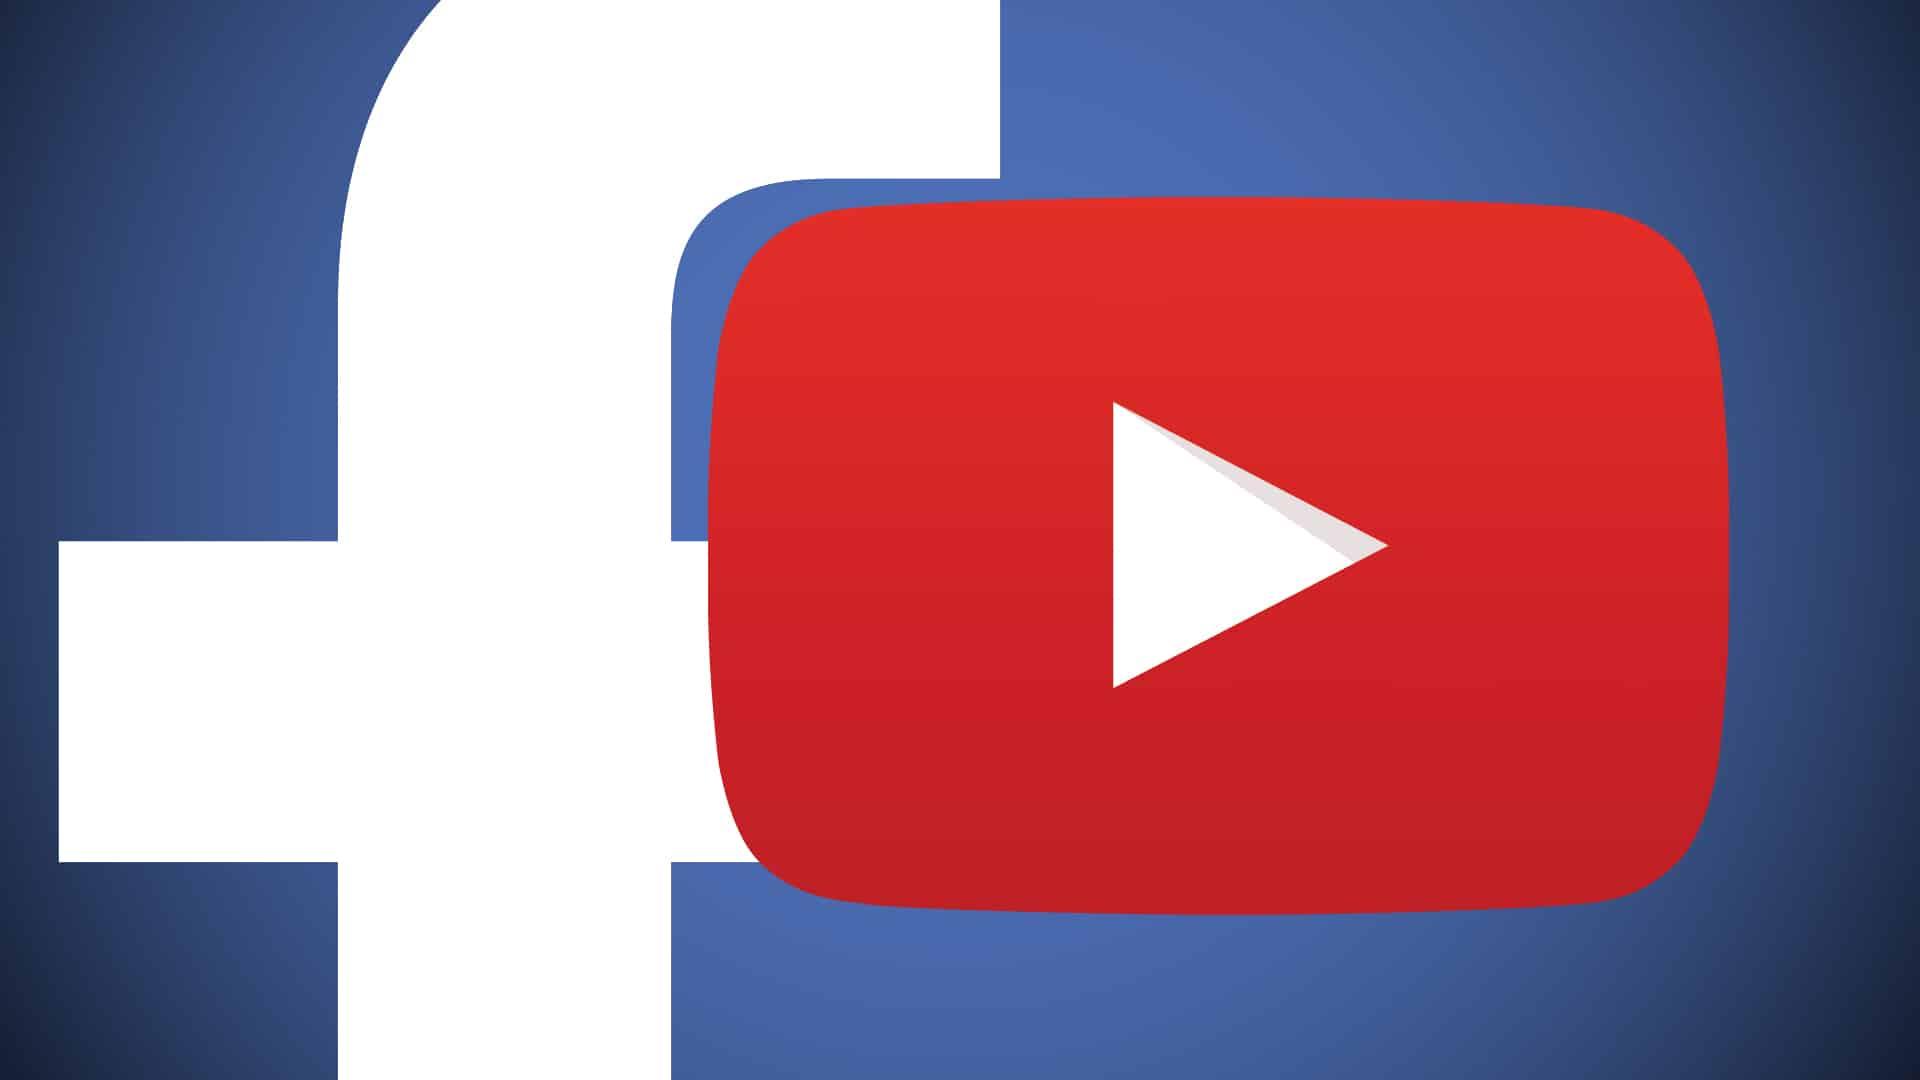 facebook-youtube1-1920 كيف تستخدم Facebook video لزيادة مشاهدات يوتيوب ؟